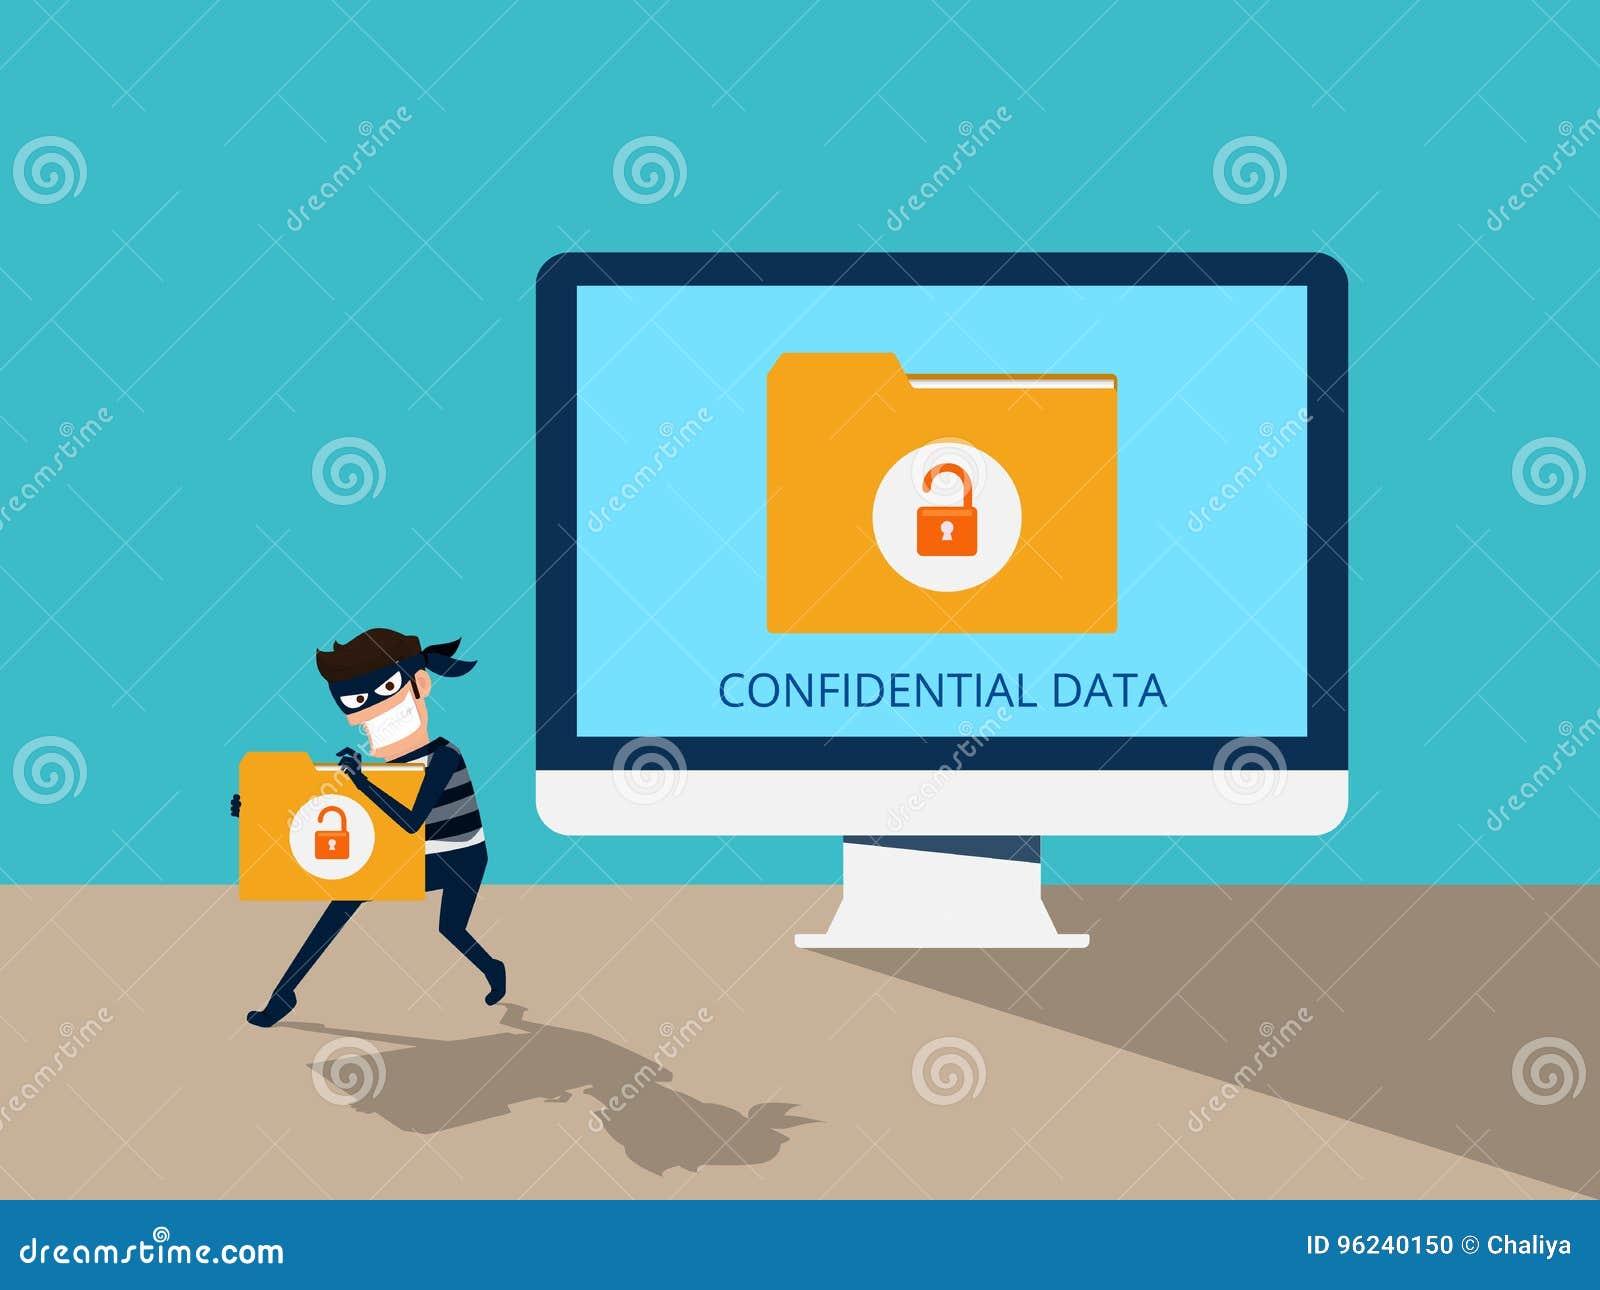 窃贼 窃取机要数据的黑客提供文件夹从计算机有用为反phishing和互联网病毒竞选